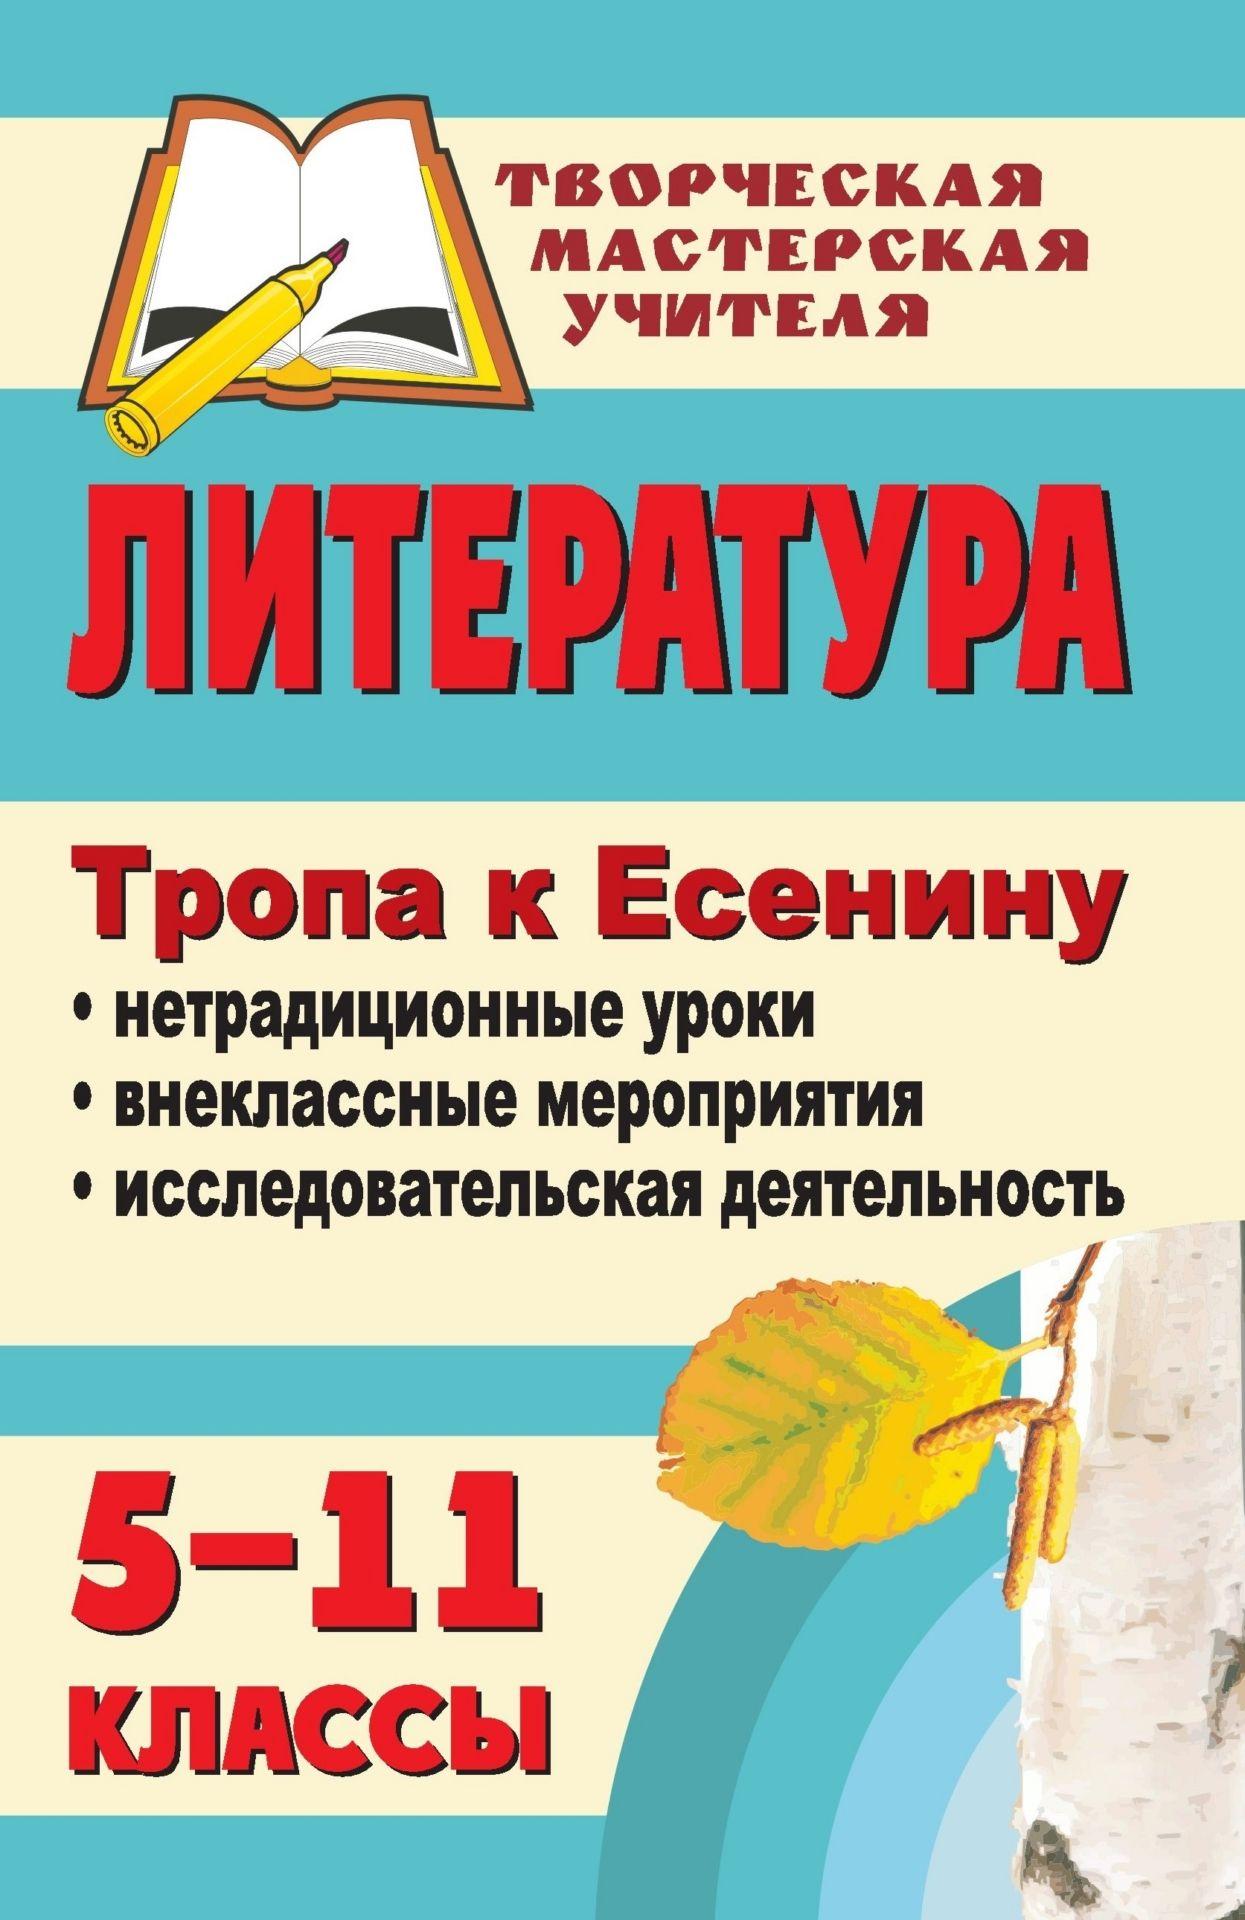 Литература. 5-11 классы. Тропа к Есенину: нетрадиционные уроки, внеклассные мероприятия, исследовательская деятельность